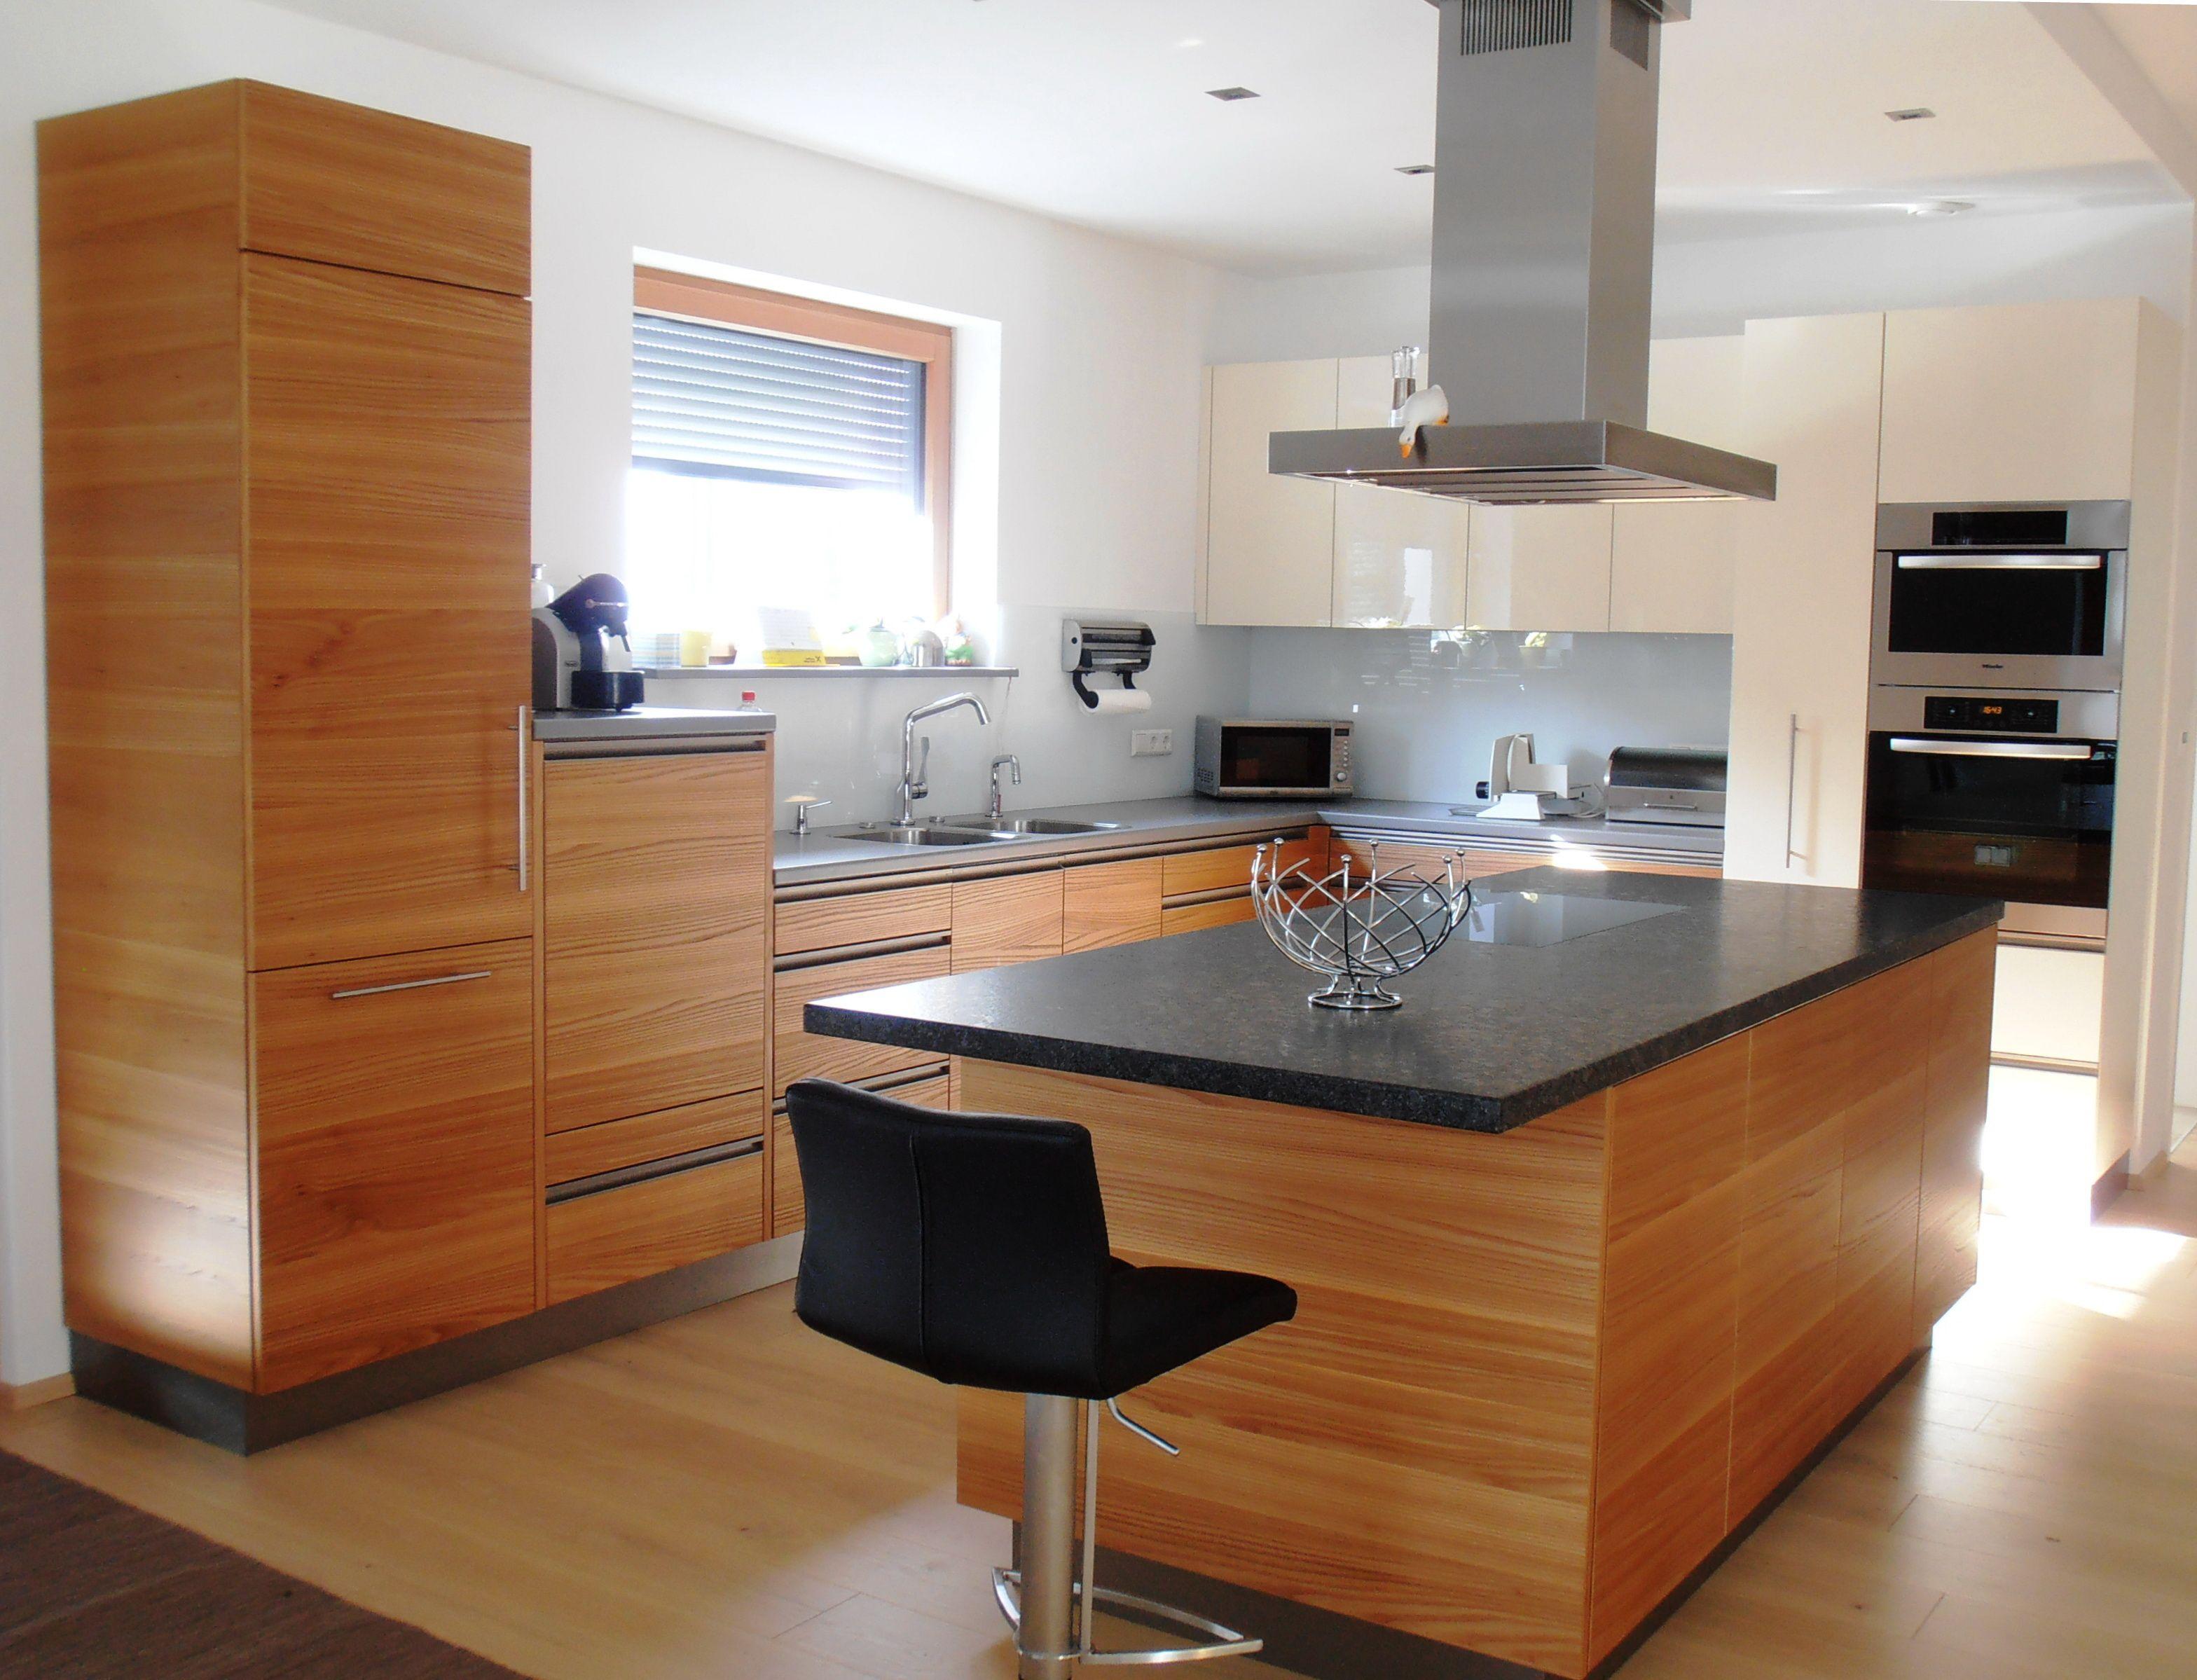 9 Küche Möbelbau Ideen Küche Tischlerei Wohnungen Wien